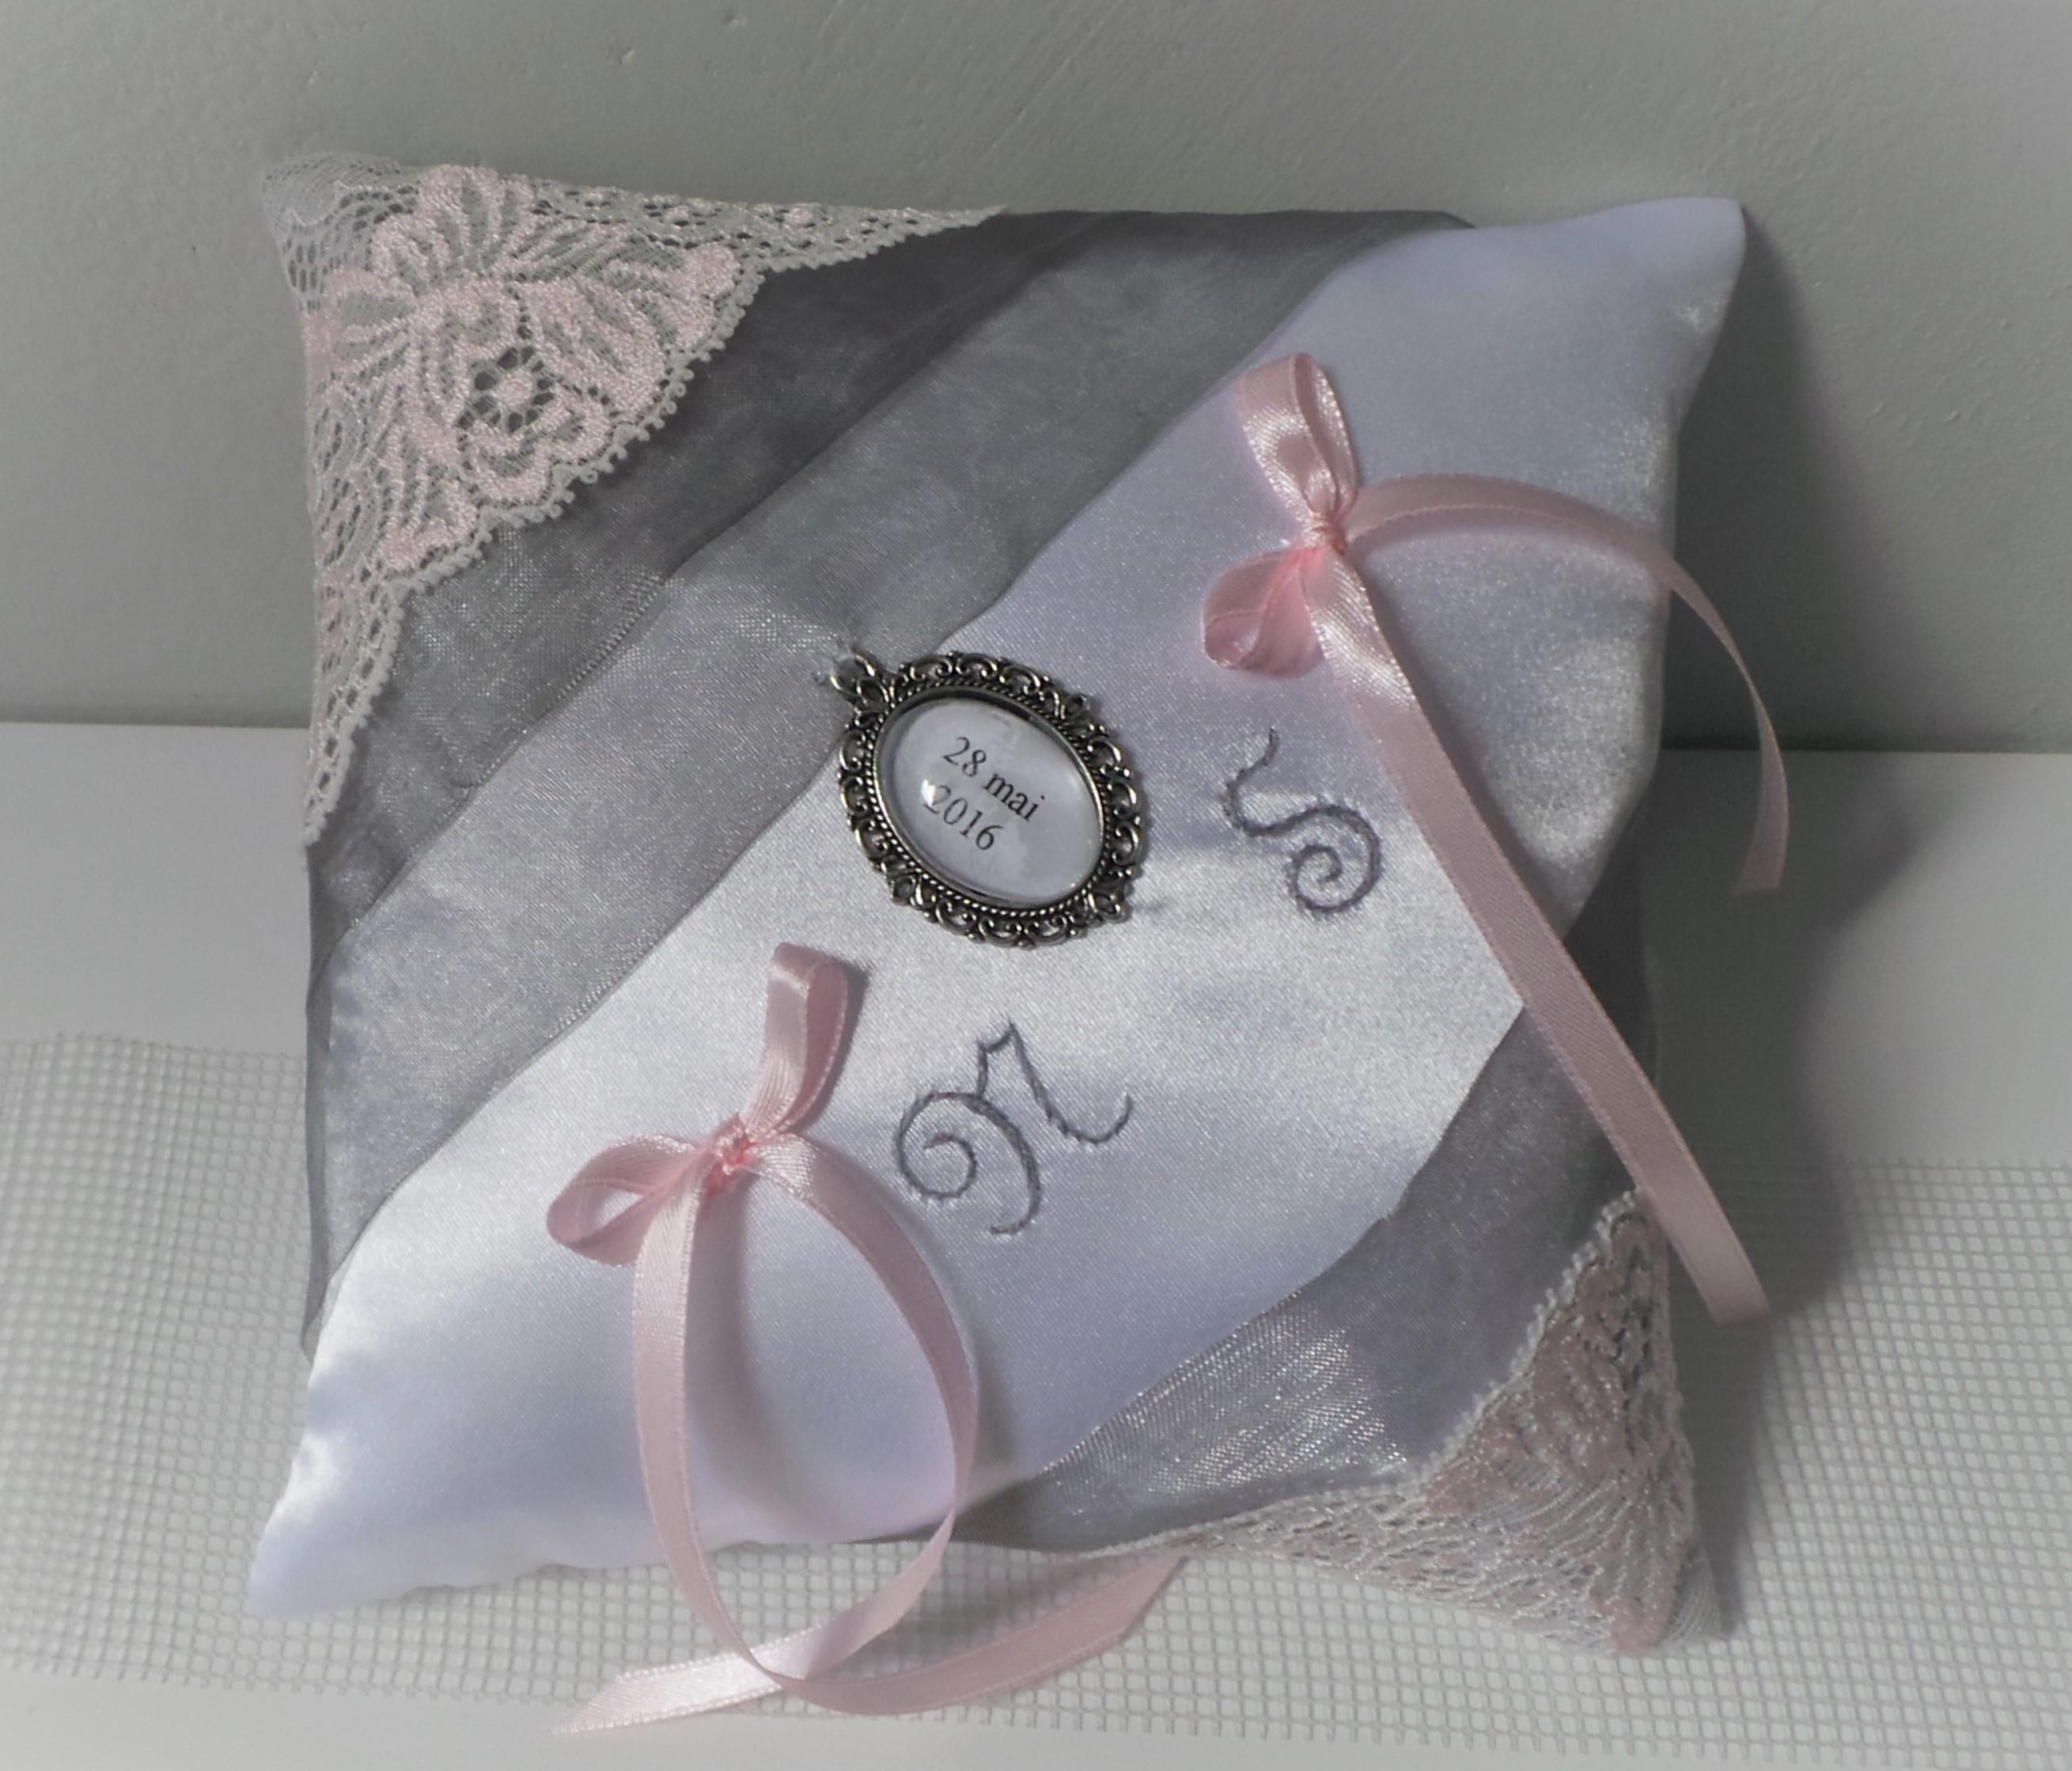 Coussin alliance personnalise gris argent blanc rose pastel poudre fait main